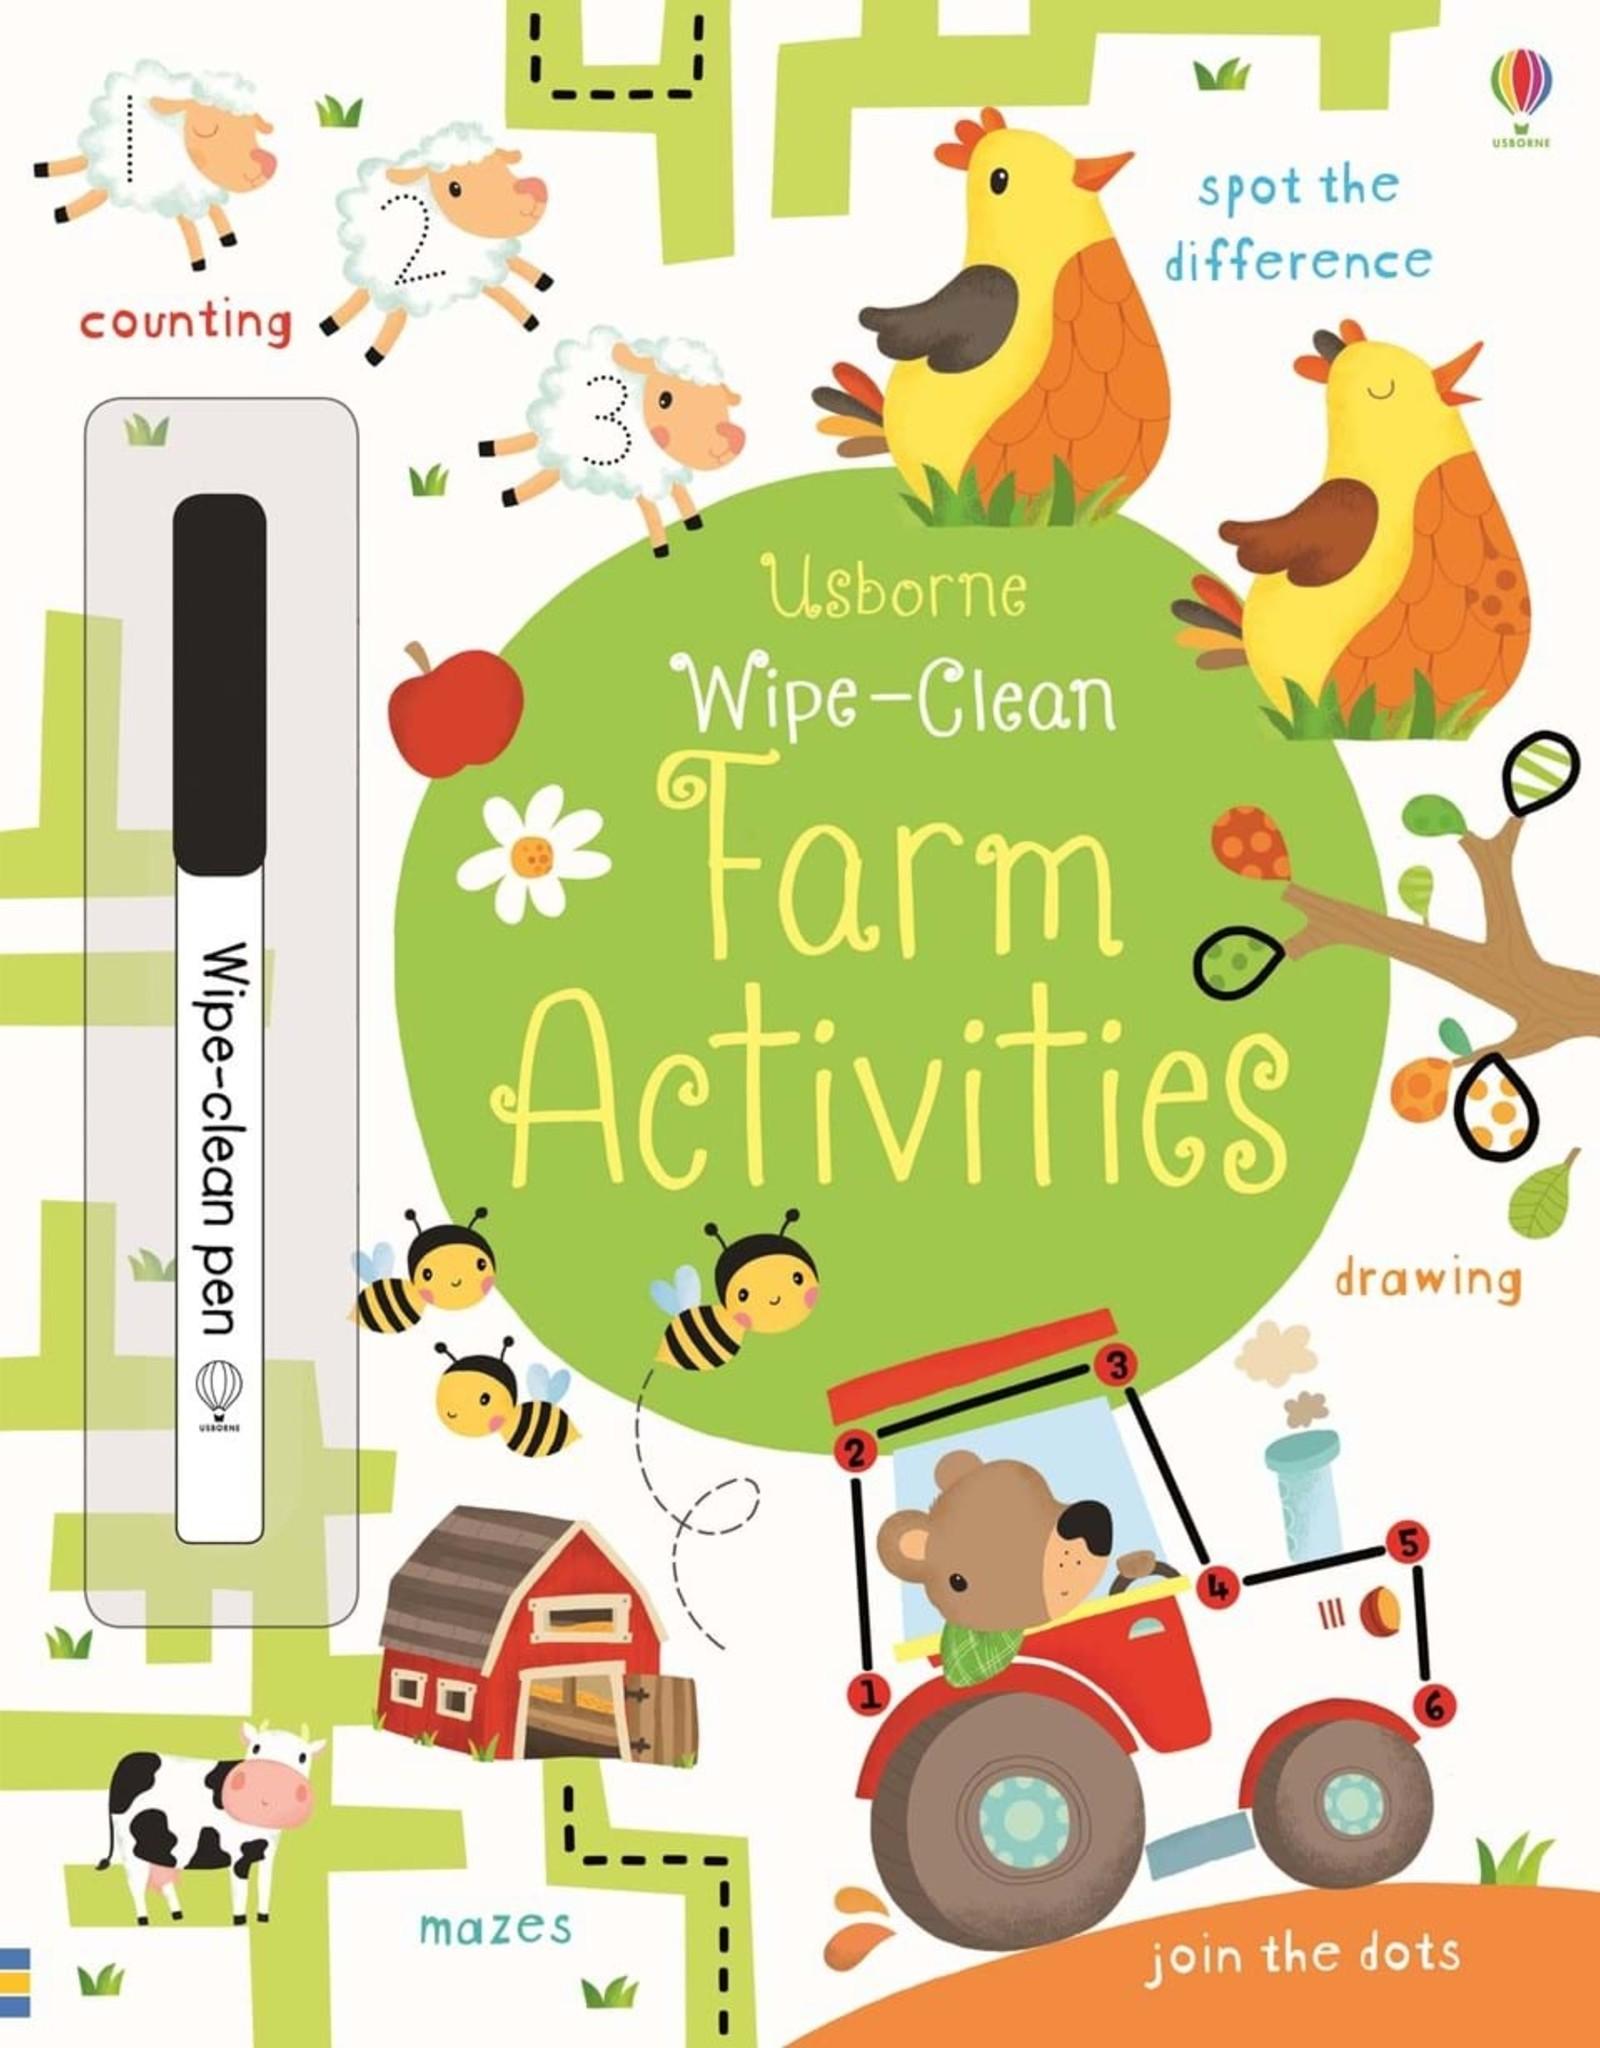 Usborne Usborne Wipe-Clean Farm Activities